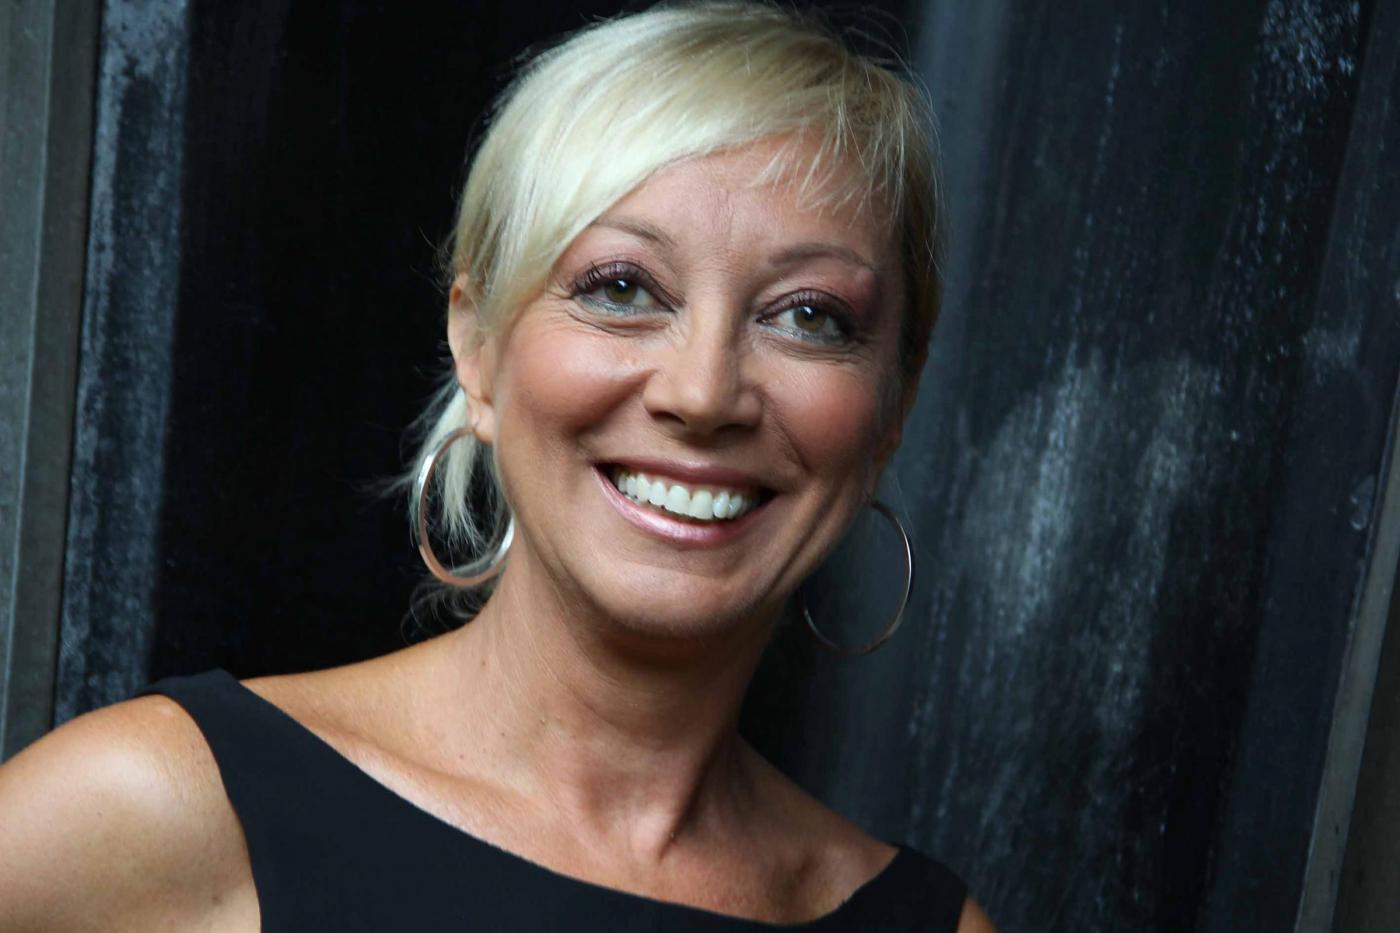 Rita Forte a un passo dalla depressione: la rinascita grazie alla fede e al grande amore